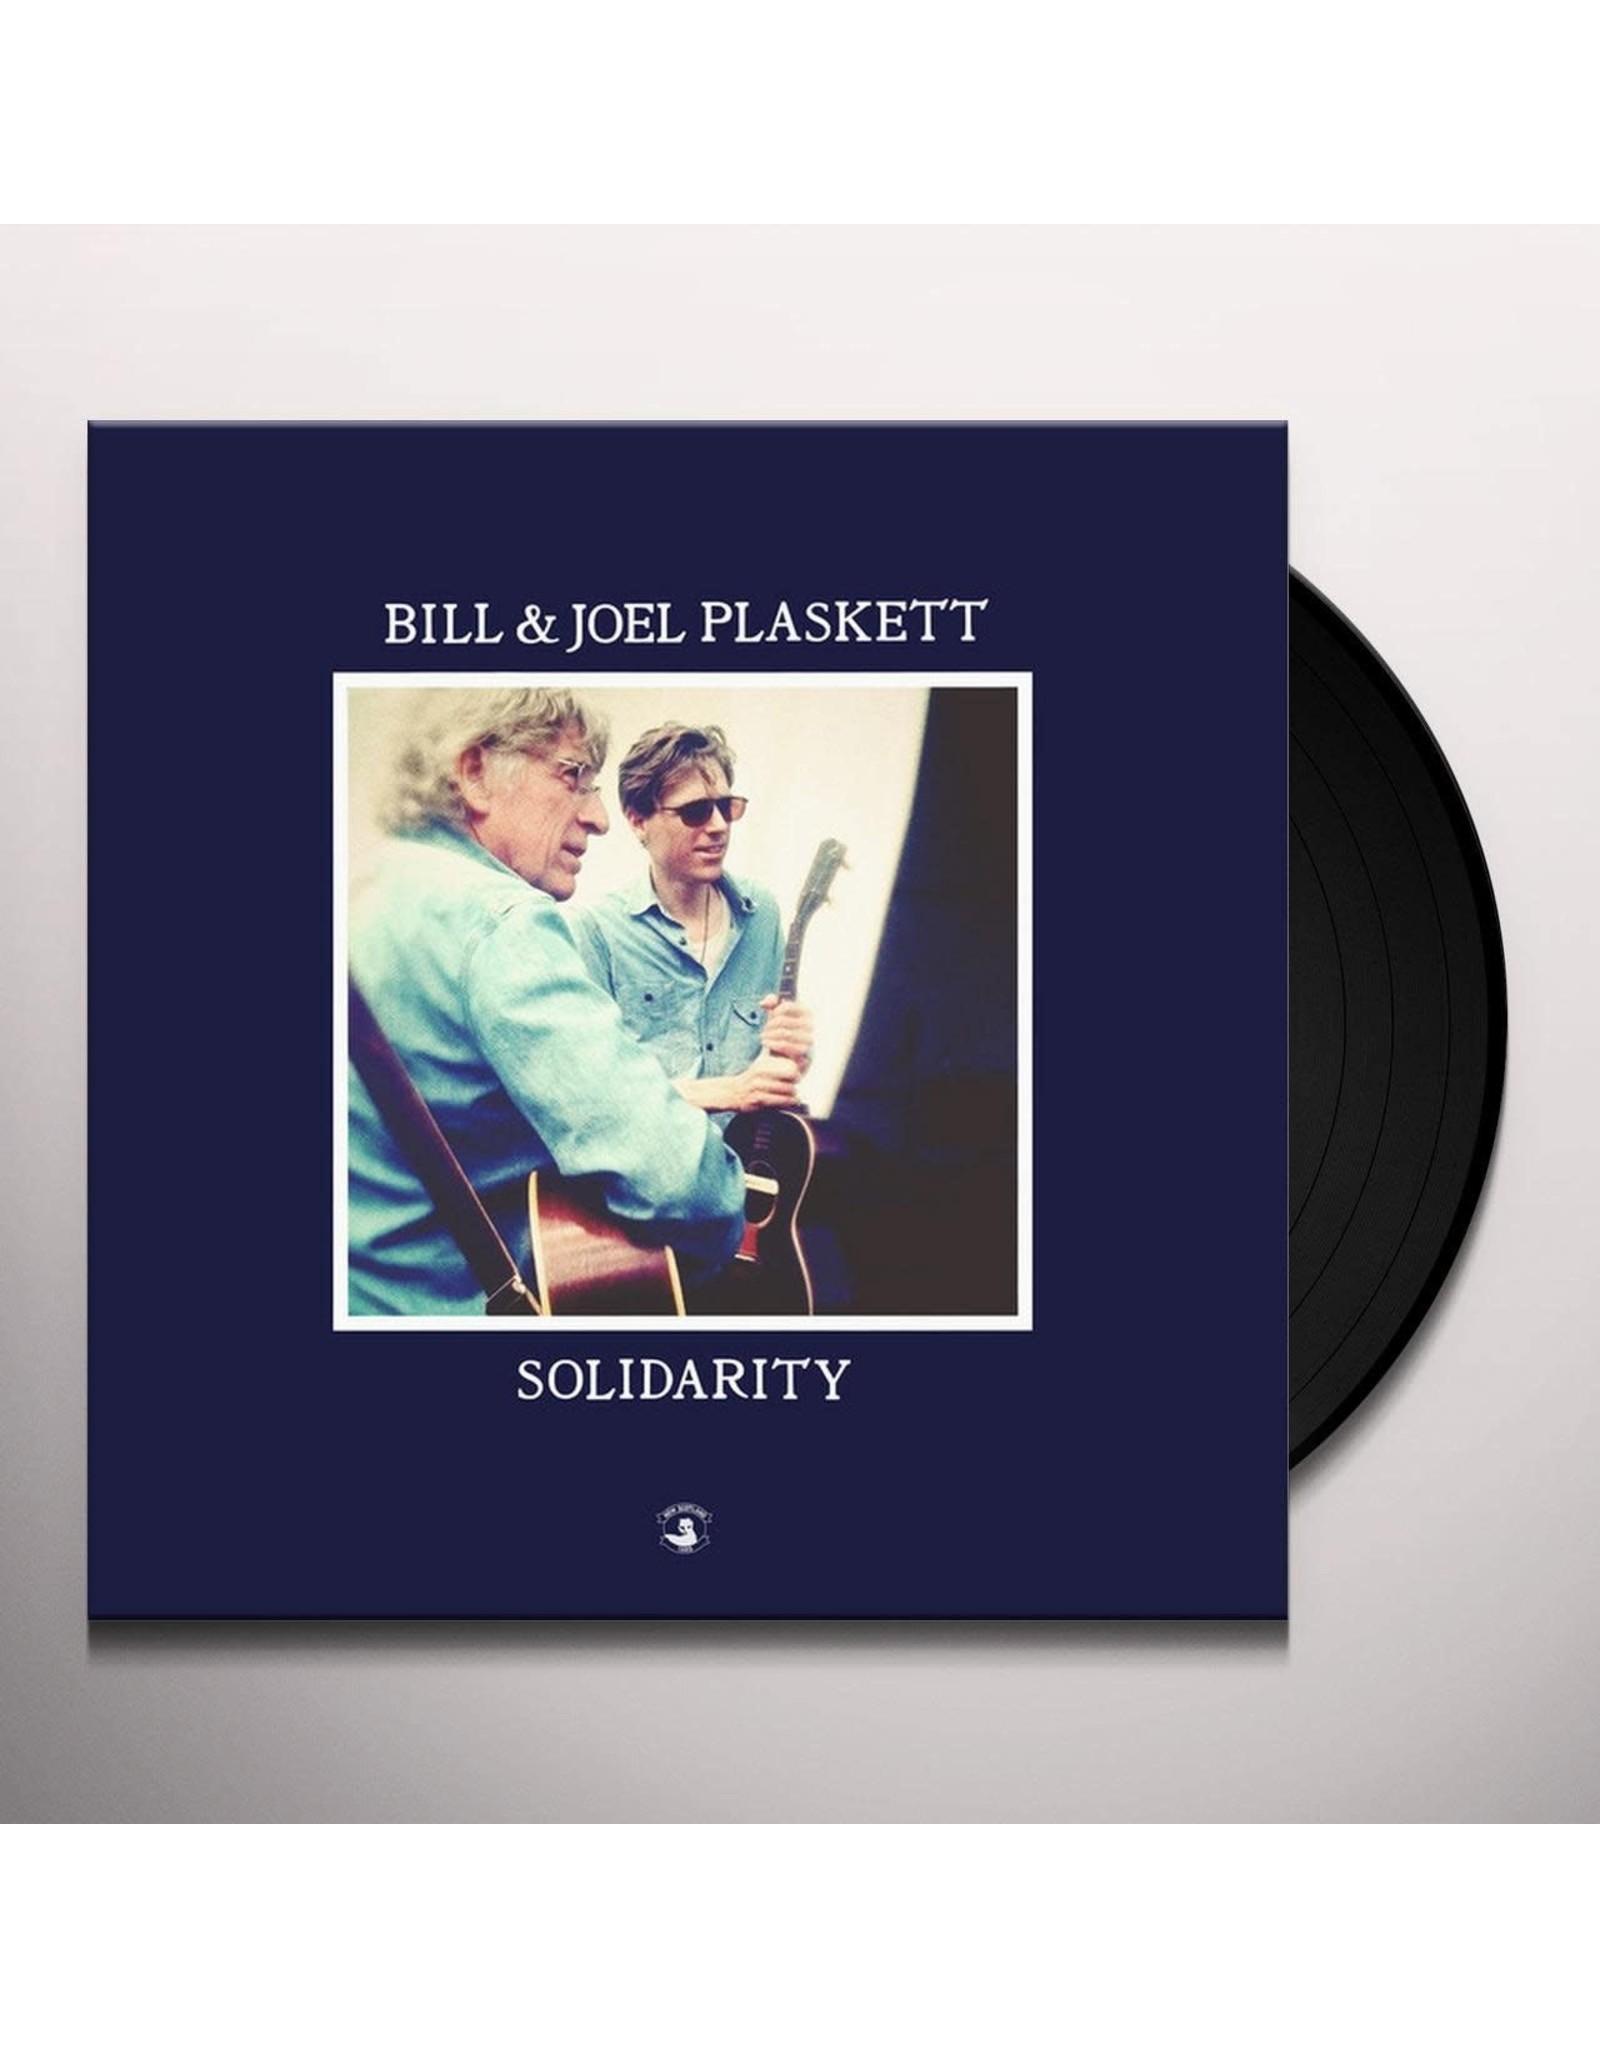 Plaskett, Joel & Bill - Solidarity LP